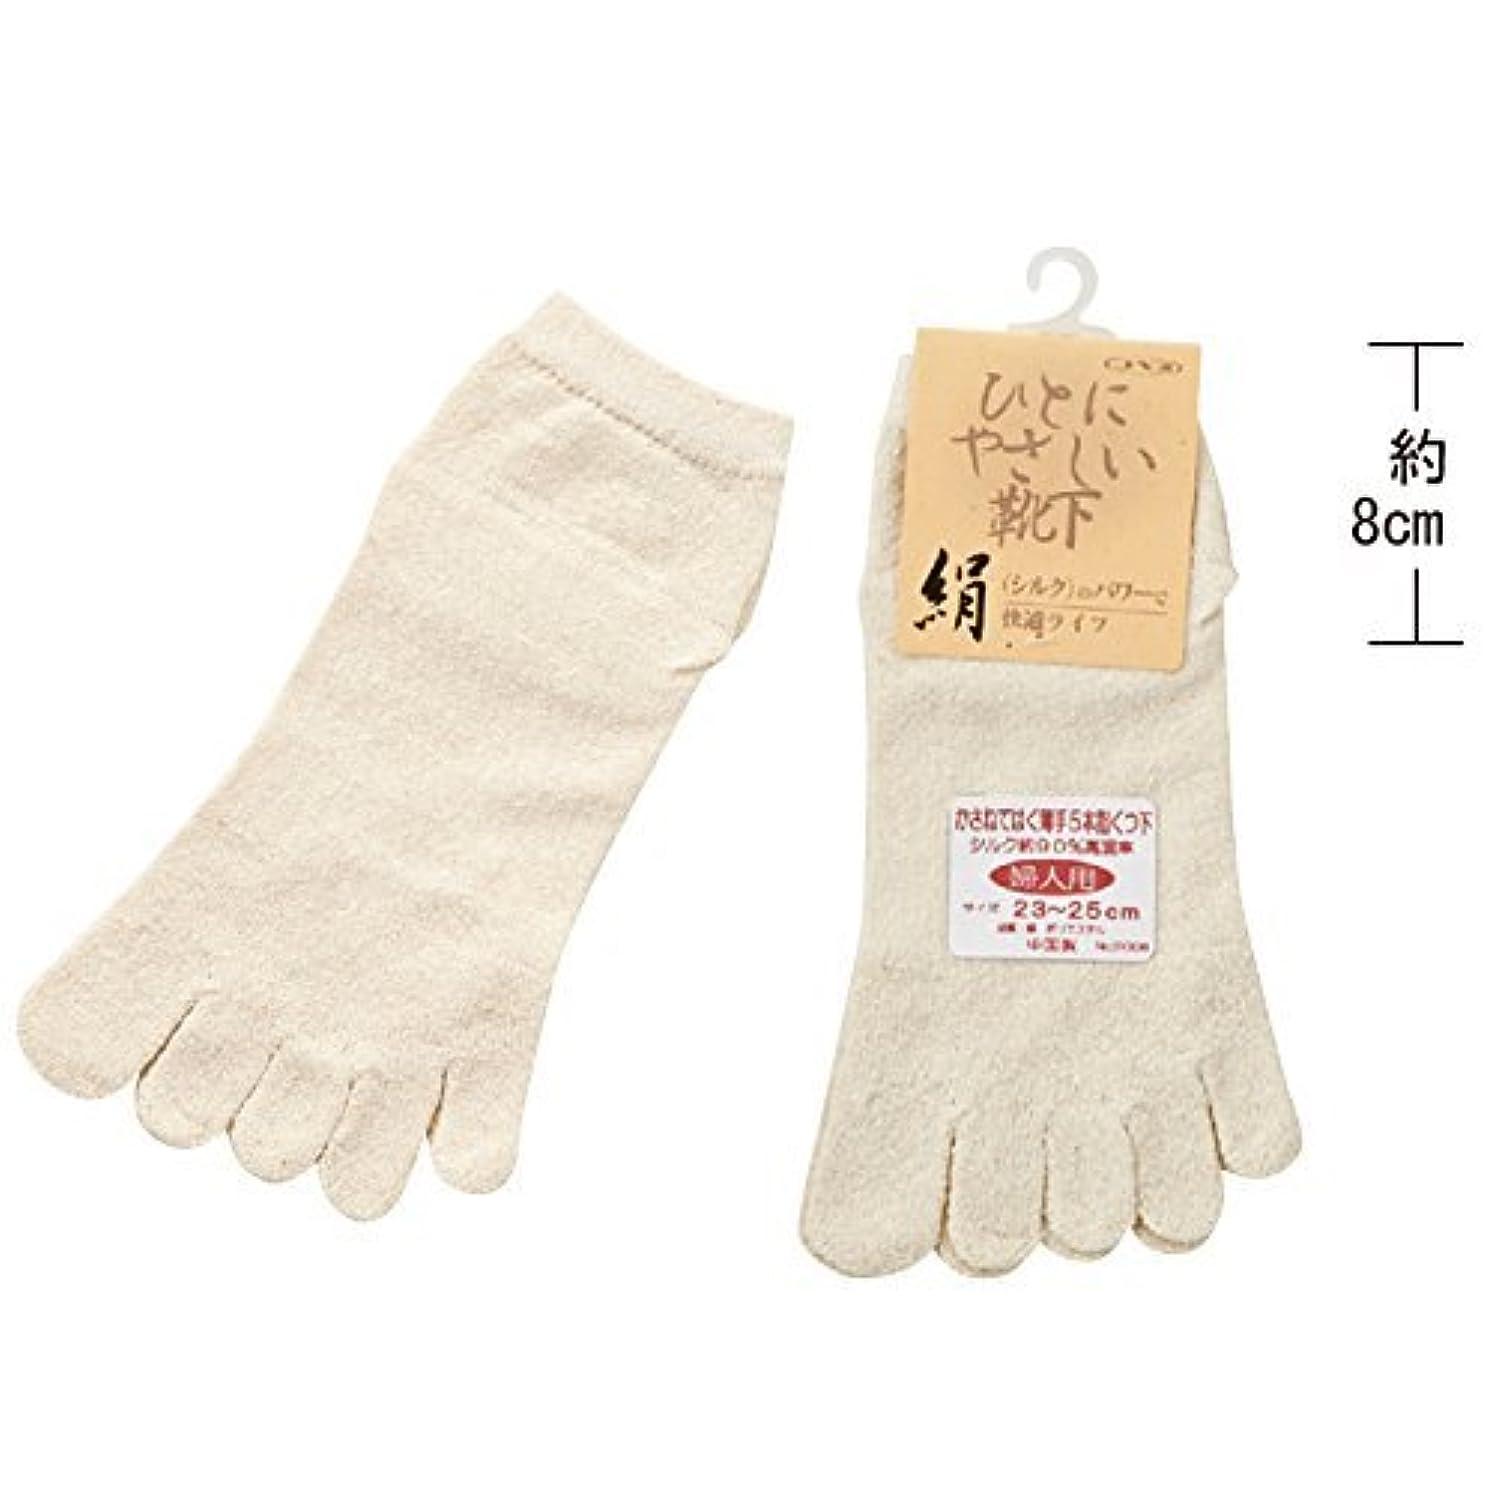 不条理離す測るコベス 婦人シルクかさねてはく薄手5本指くつ下